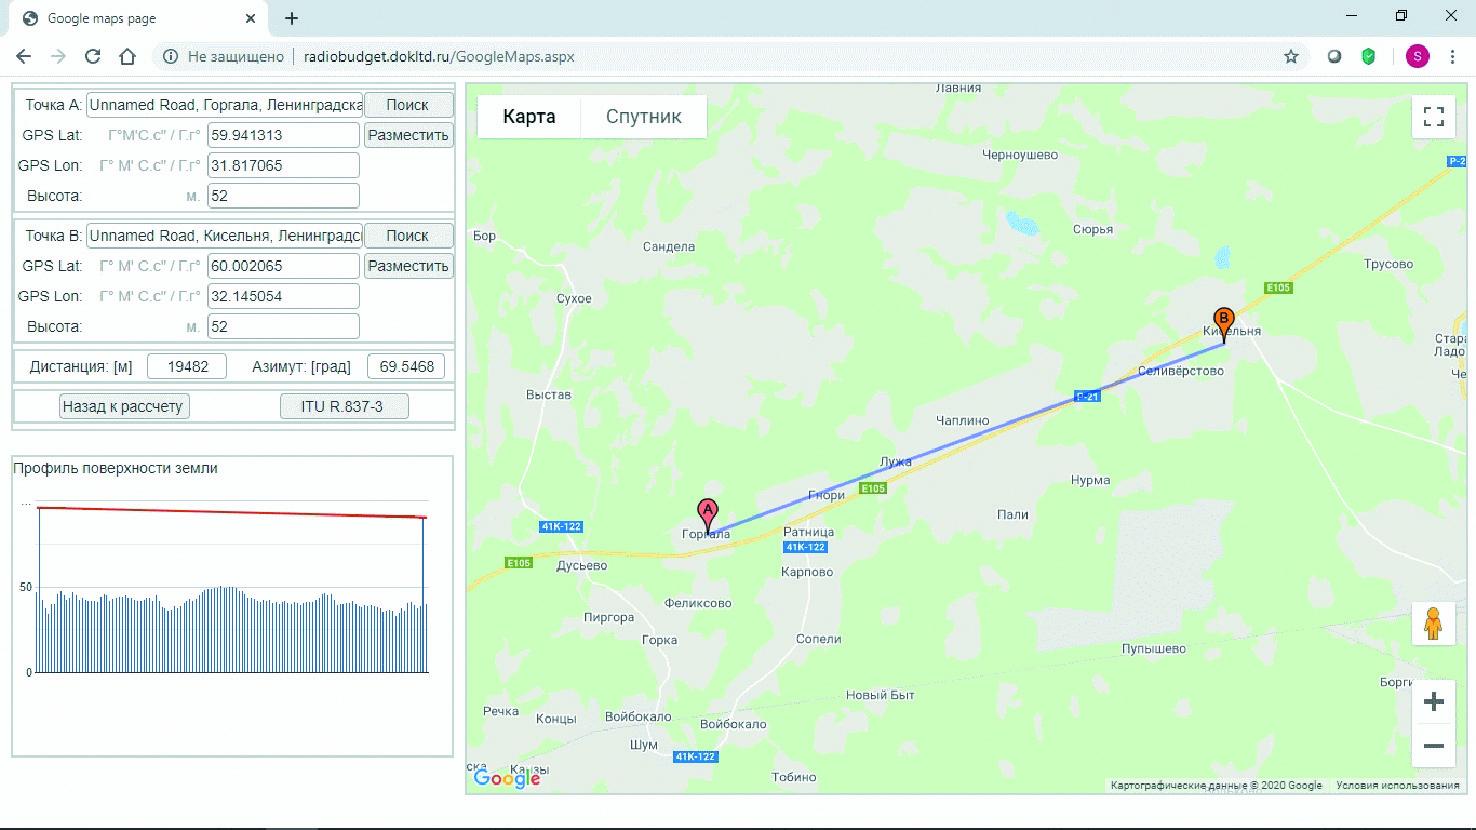 Карта местности с геомаркерами беспроводной трассы 10 Гбит/c длиной 19 482 м